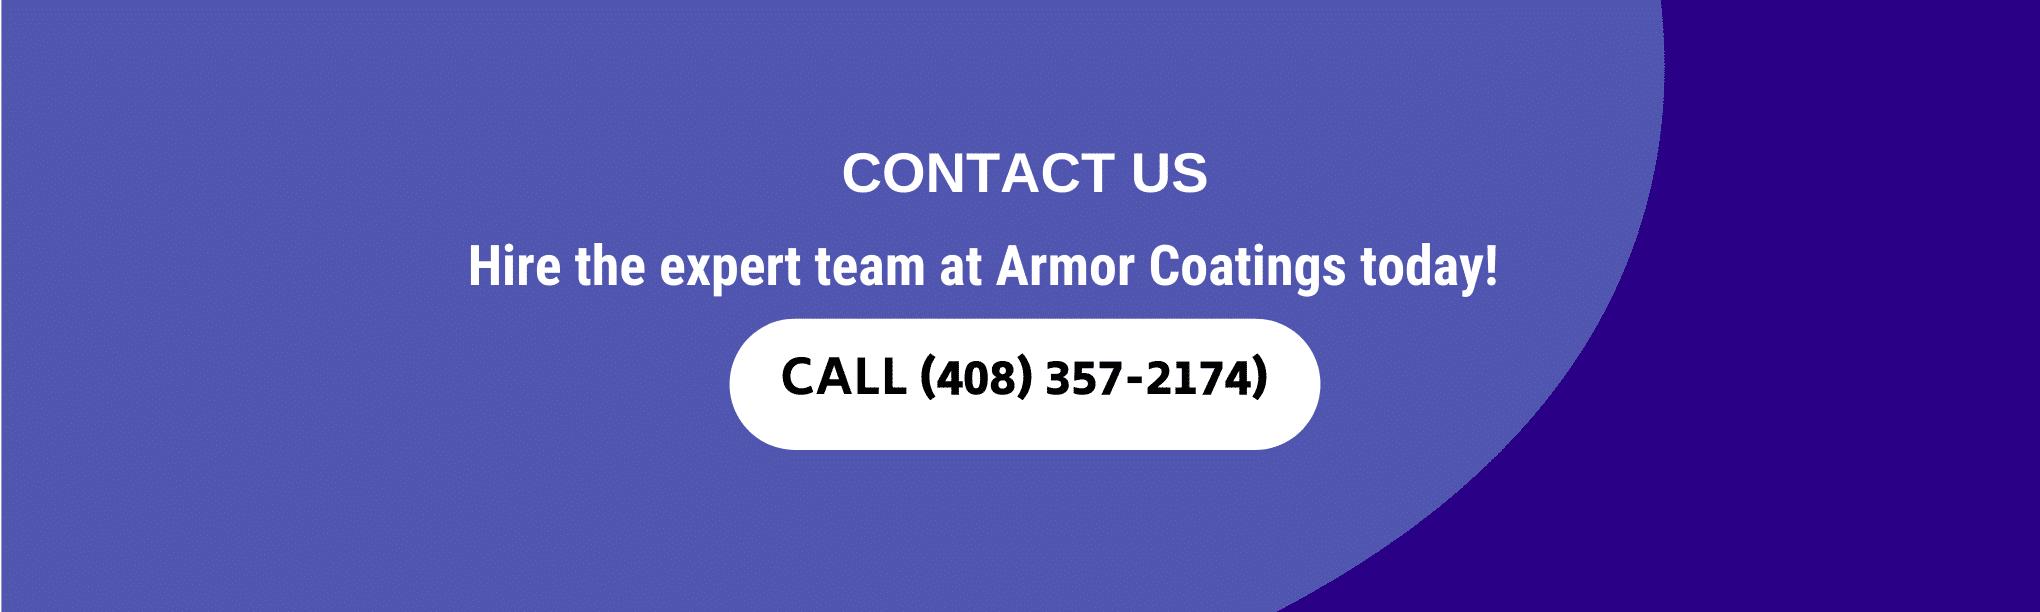 Armor Coatings CTA